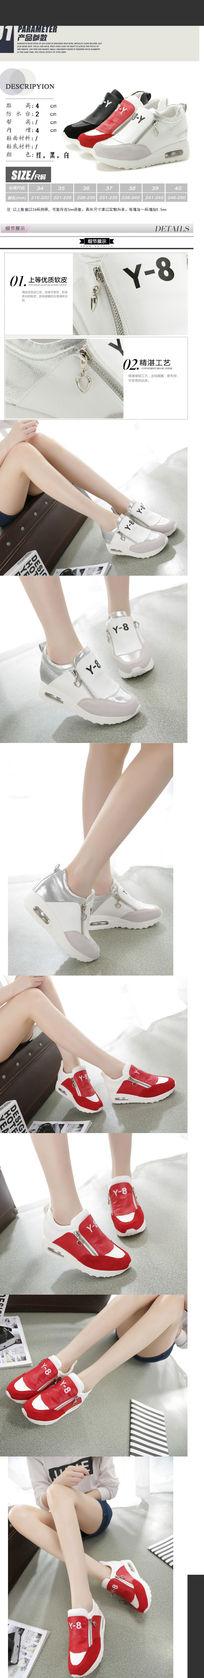 淘宝女鞋秋季详情页描述图psd分层素材